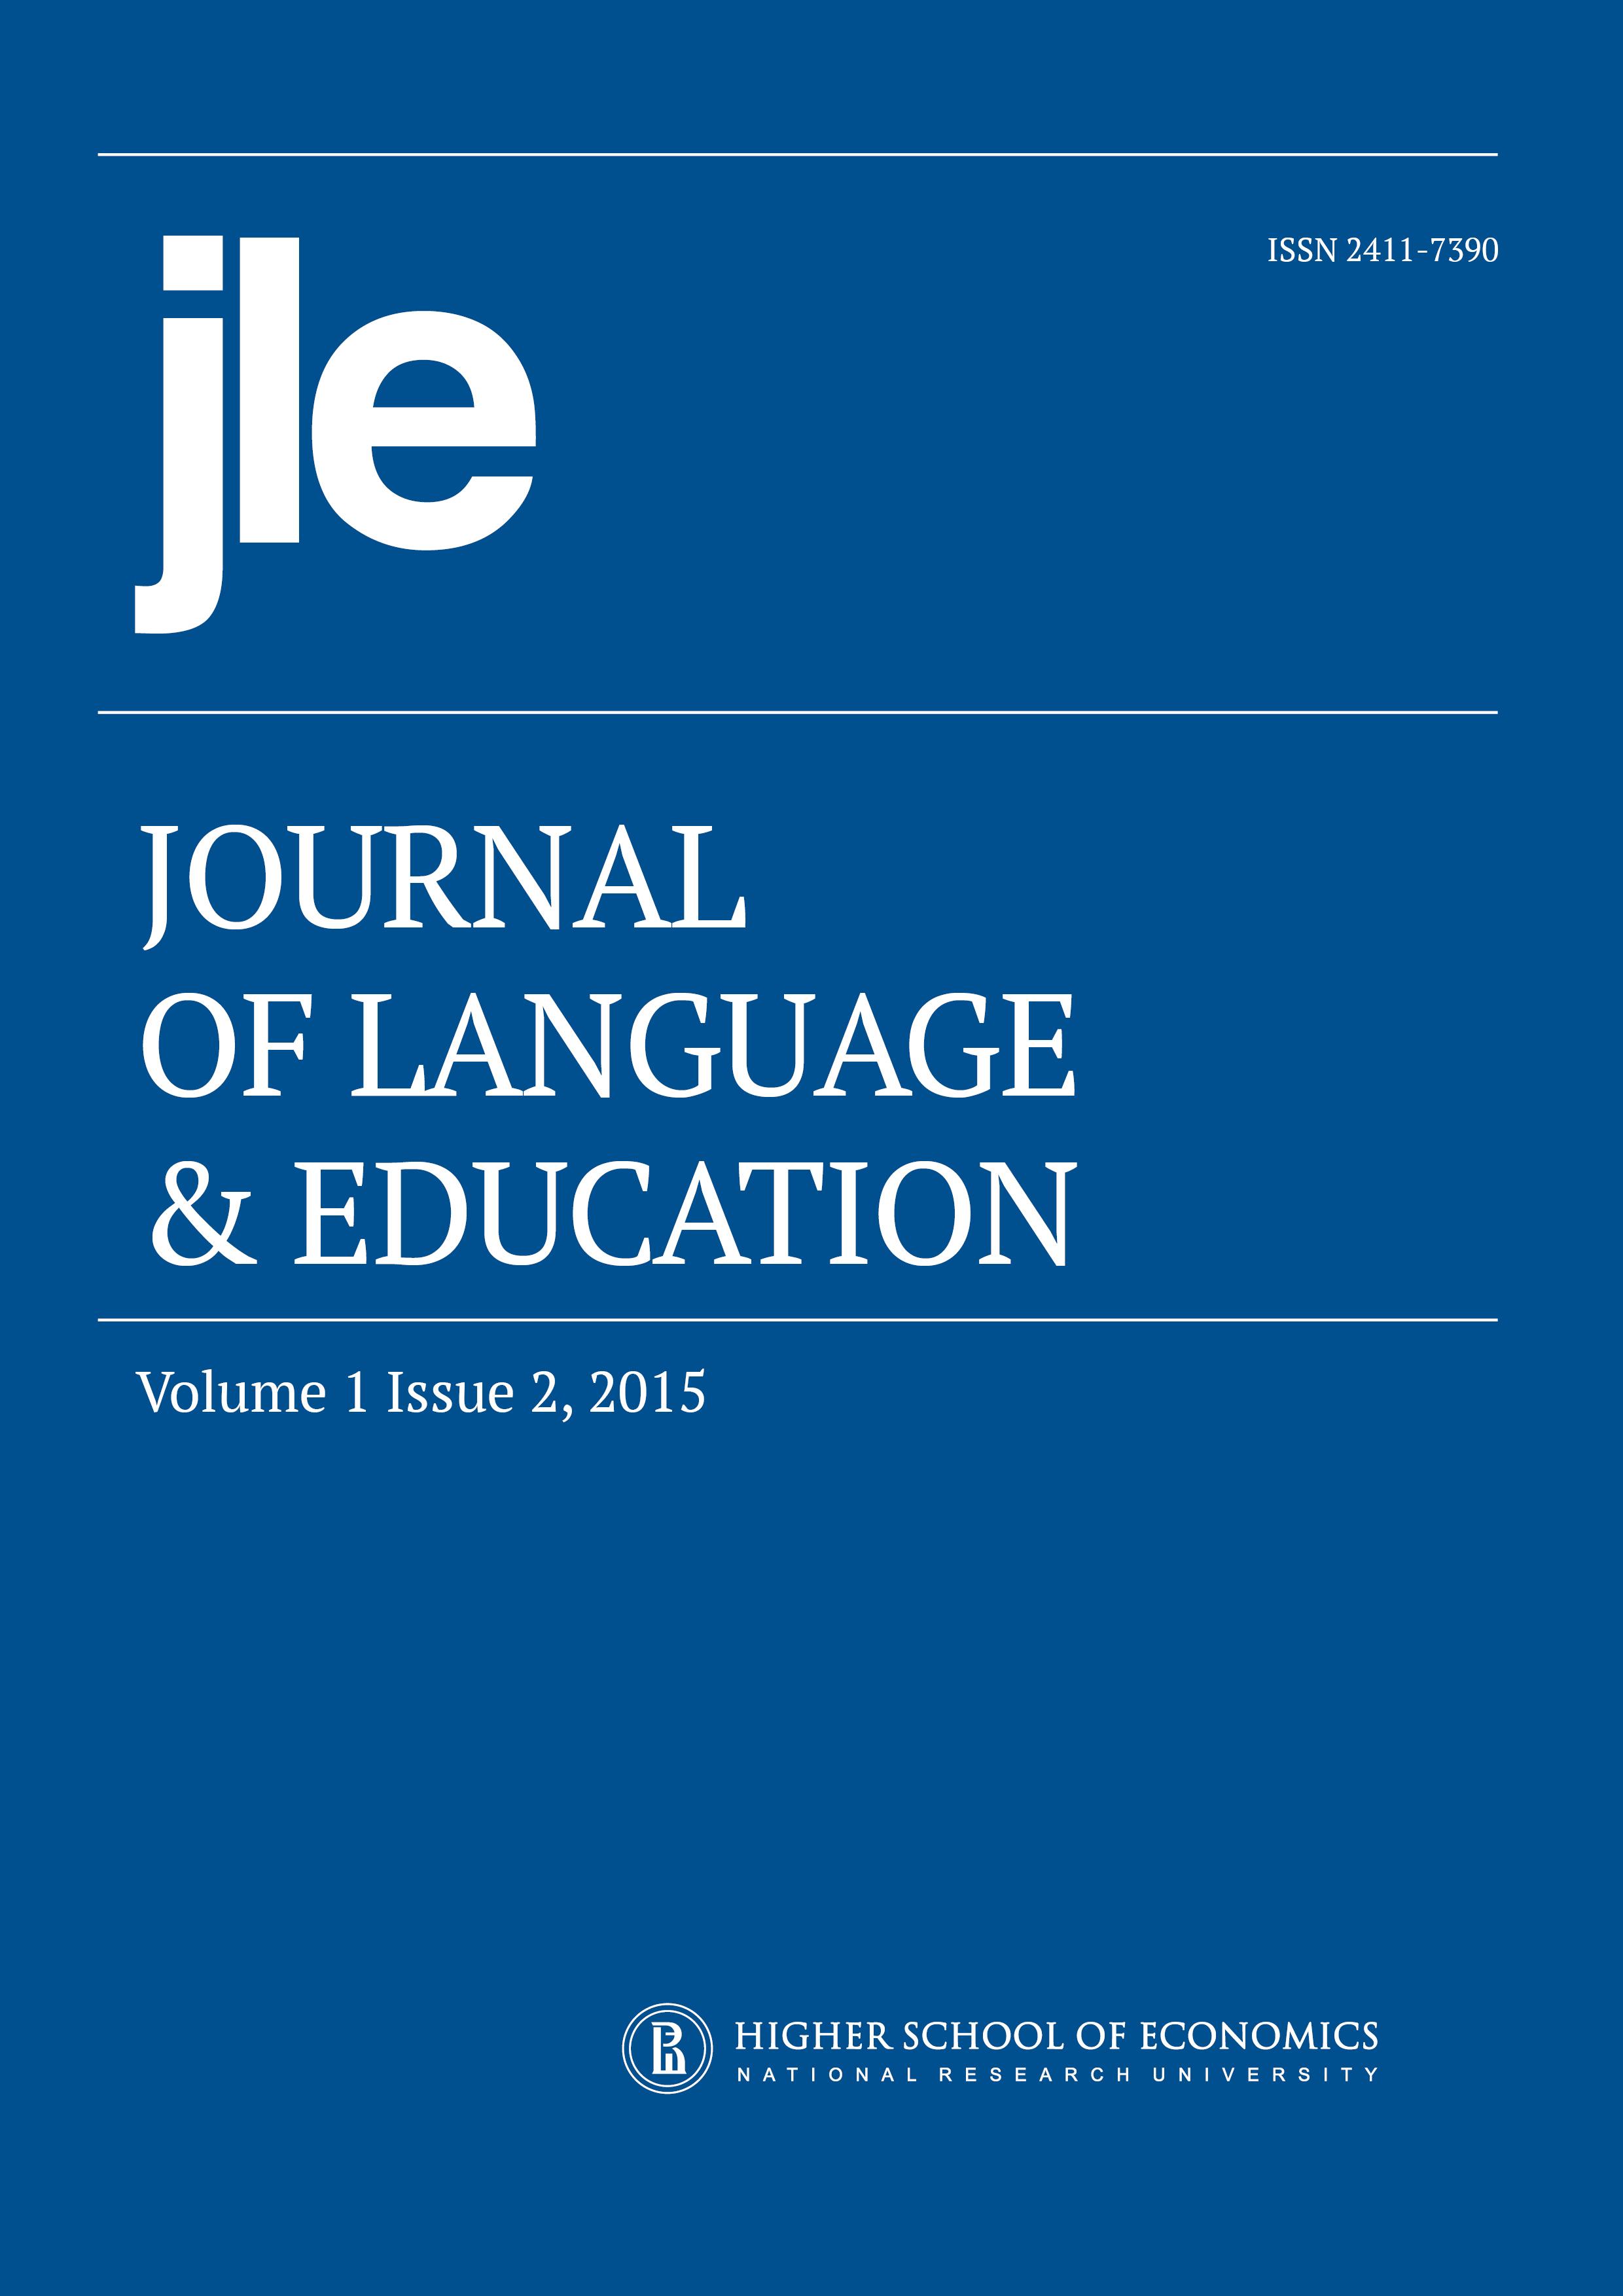 Volume 1 Issue 2, 2015